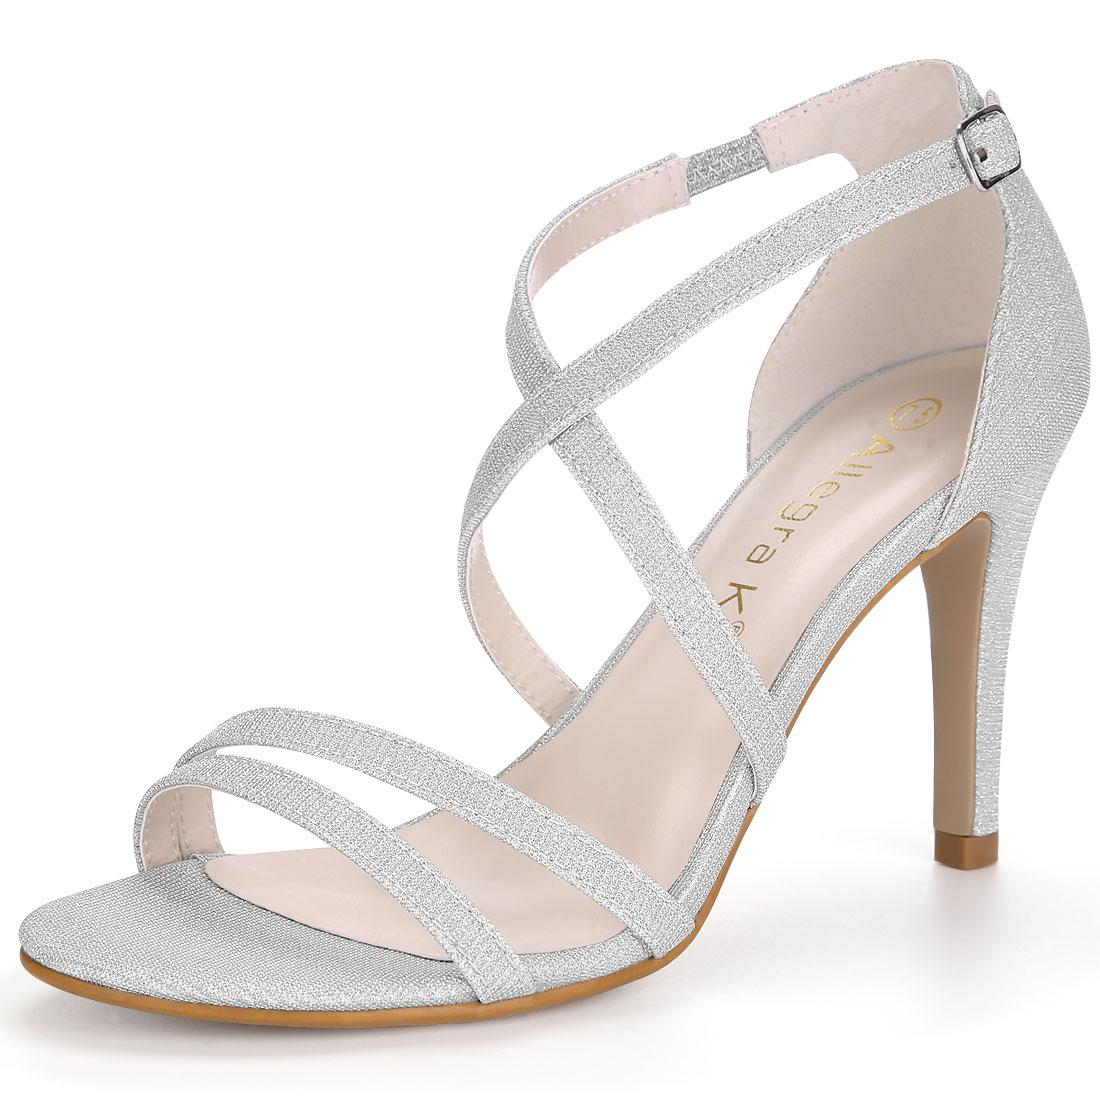 Allegra K Women's Glitter Design Stiletto Heel Strappy Sandals Silver US 7.5